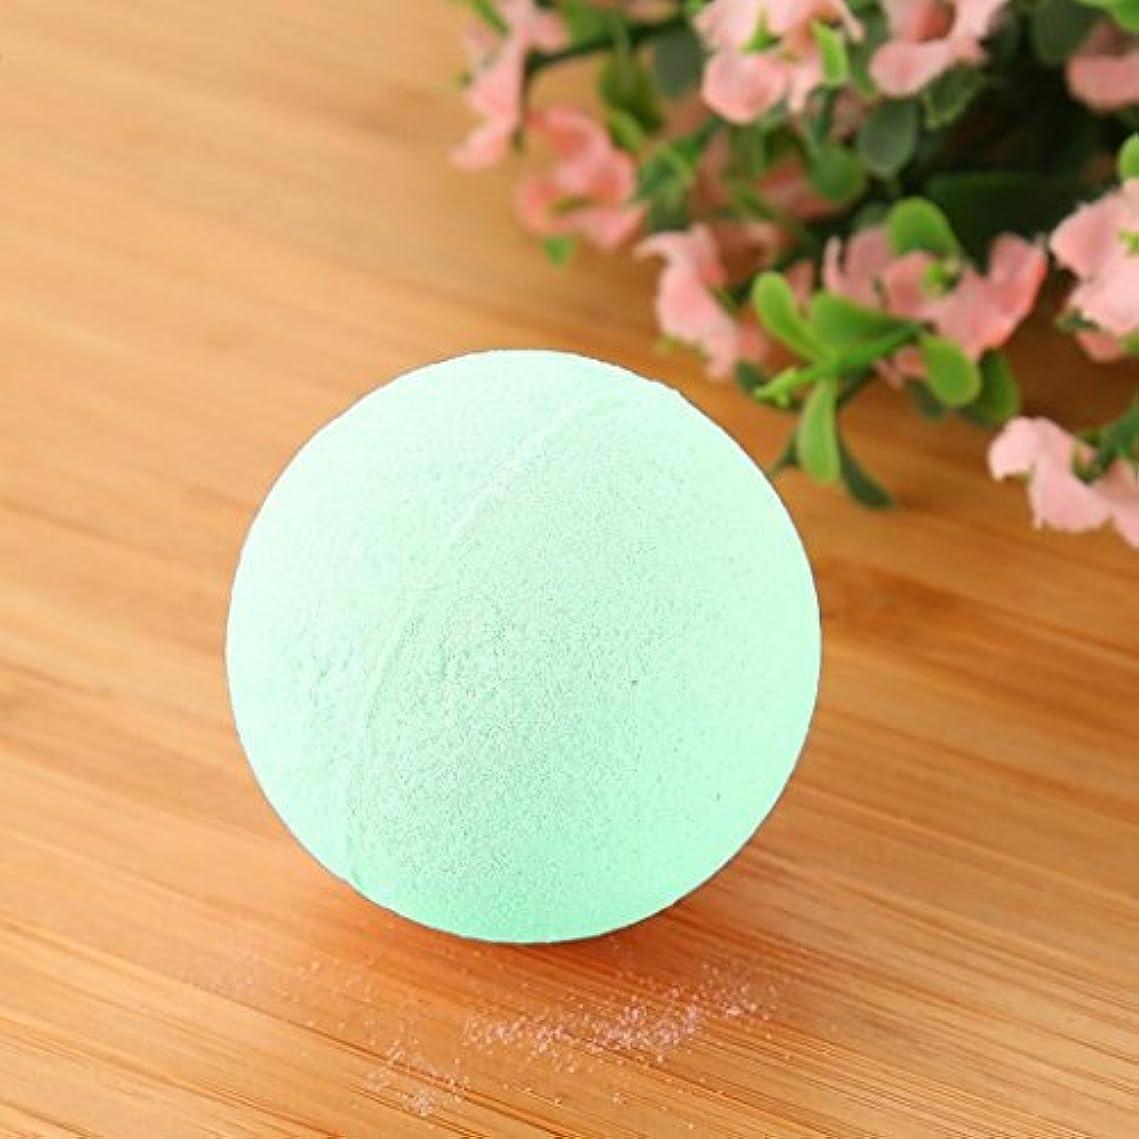 過言過言腕バブル塩風呂の贈り物のためにボールをリラックスした女性の塩